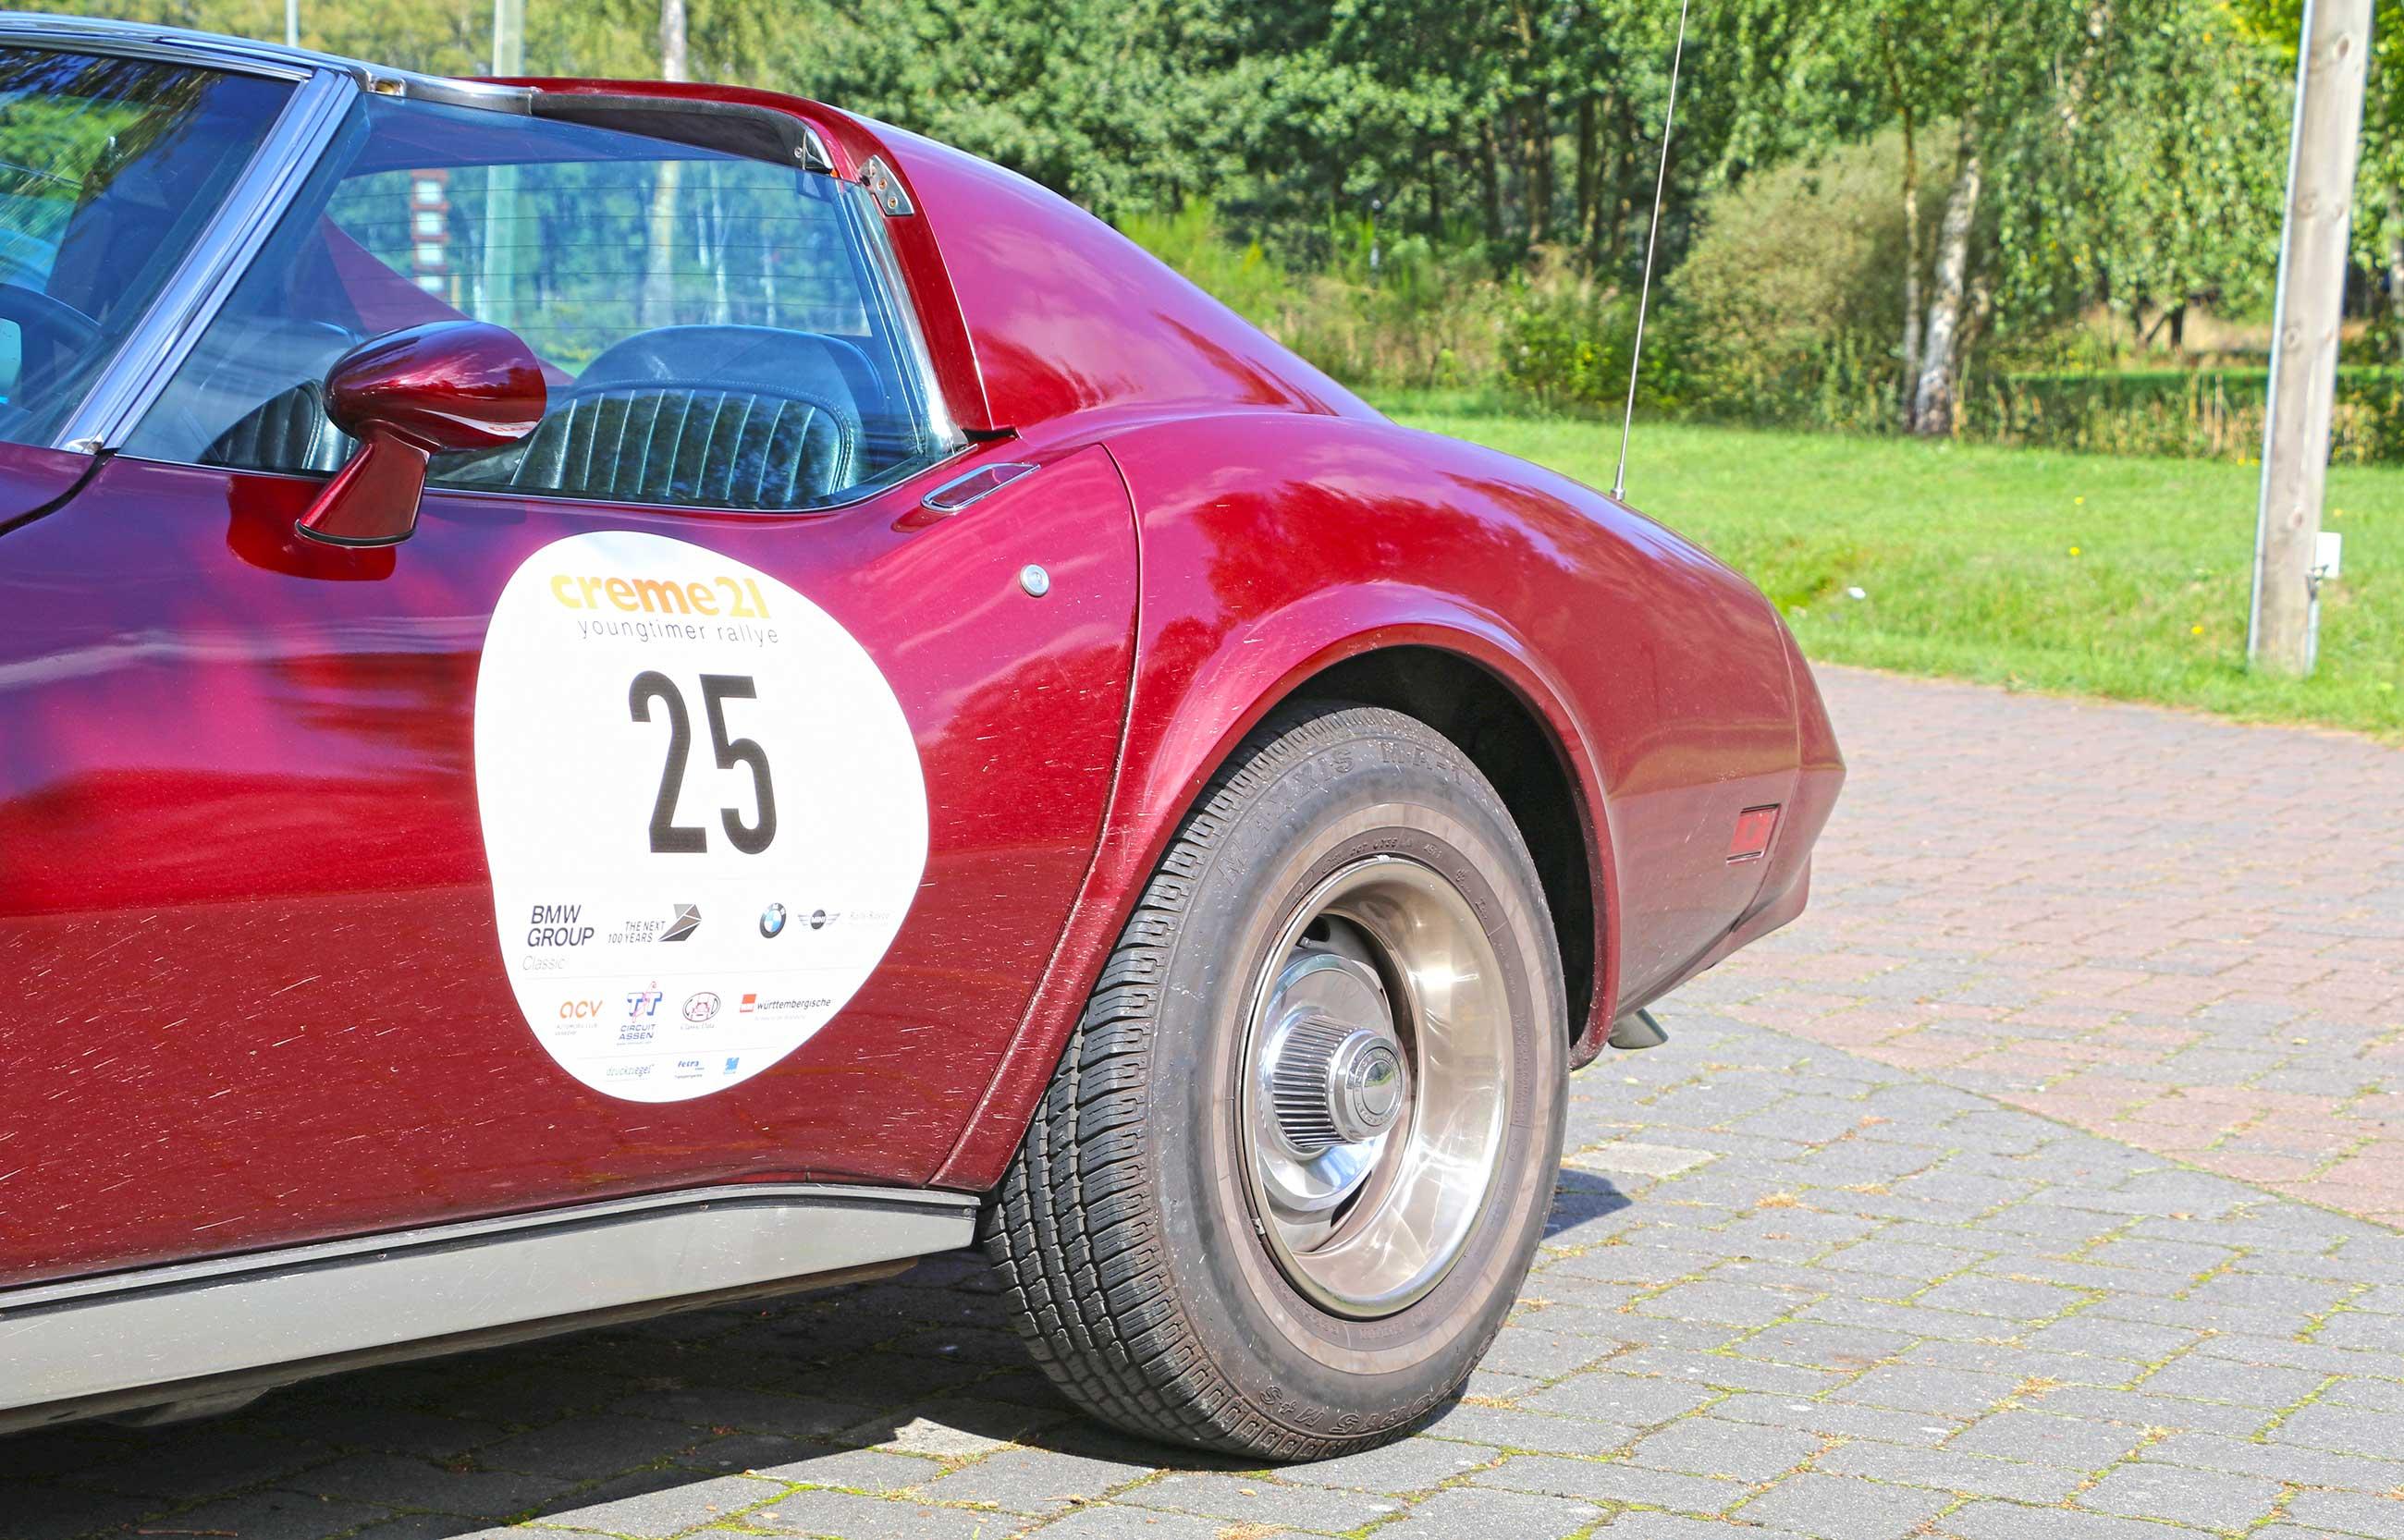 Bericht: Meine Teilnahme an der Creme 21 Youngtimer Rallye 2019 Creme-21-Youngtimer-Rallye-2019_Nachbericht_90